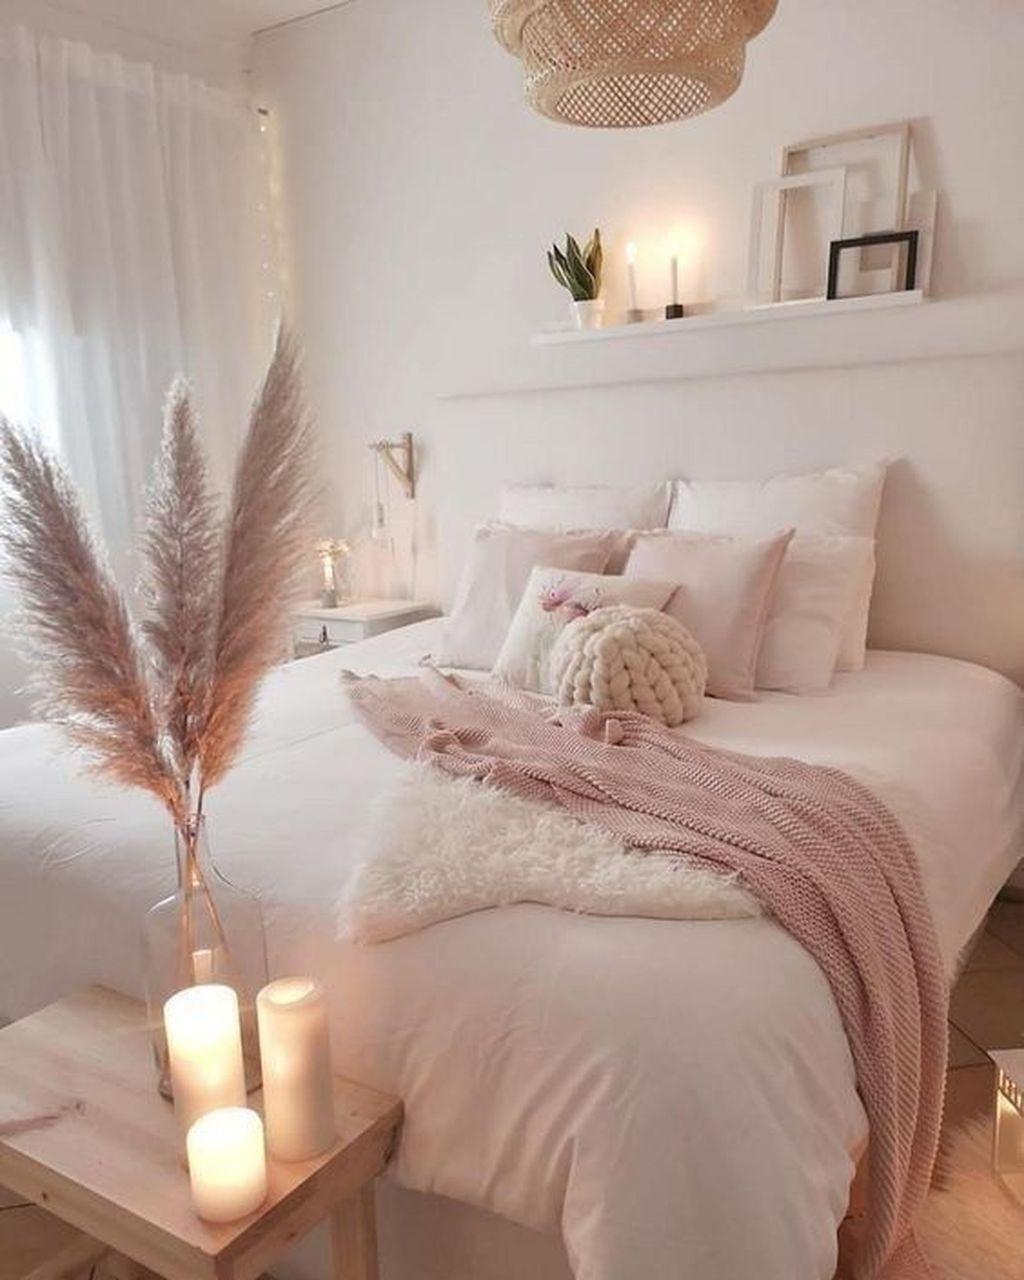 Photo of 32 Awesome Romantic Home Decor Ideen am besten für den Valentinstag